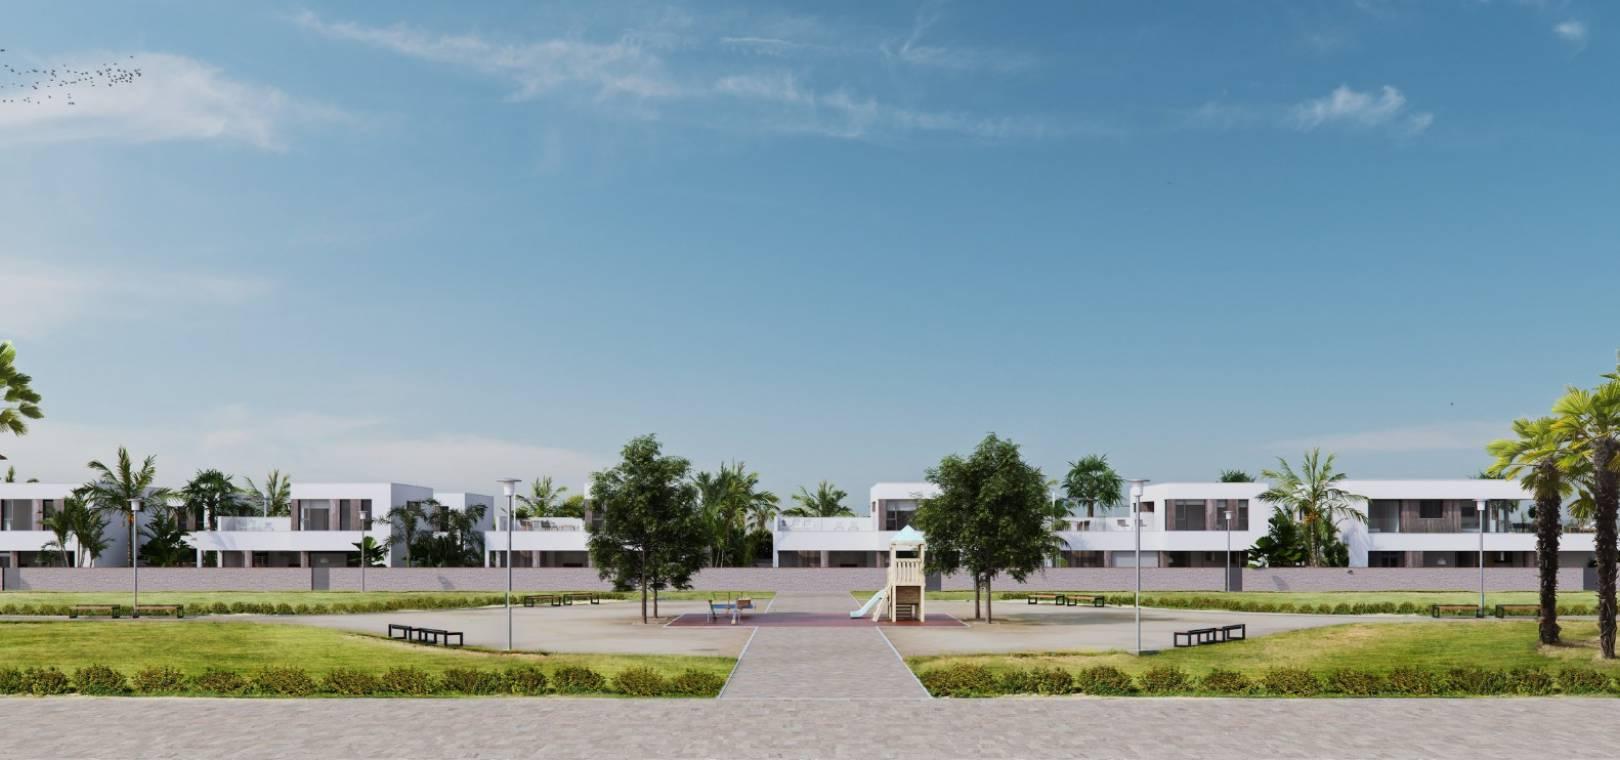 Torre_de_la_Horadada_New_Build_Luxury_Villas_For_Sale_nsp257_24